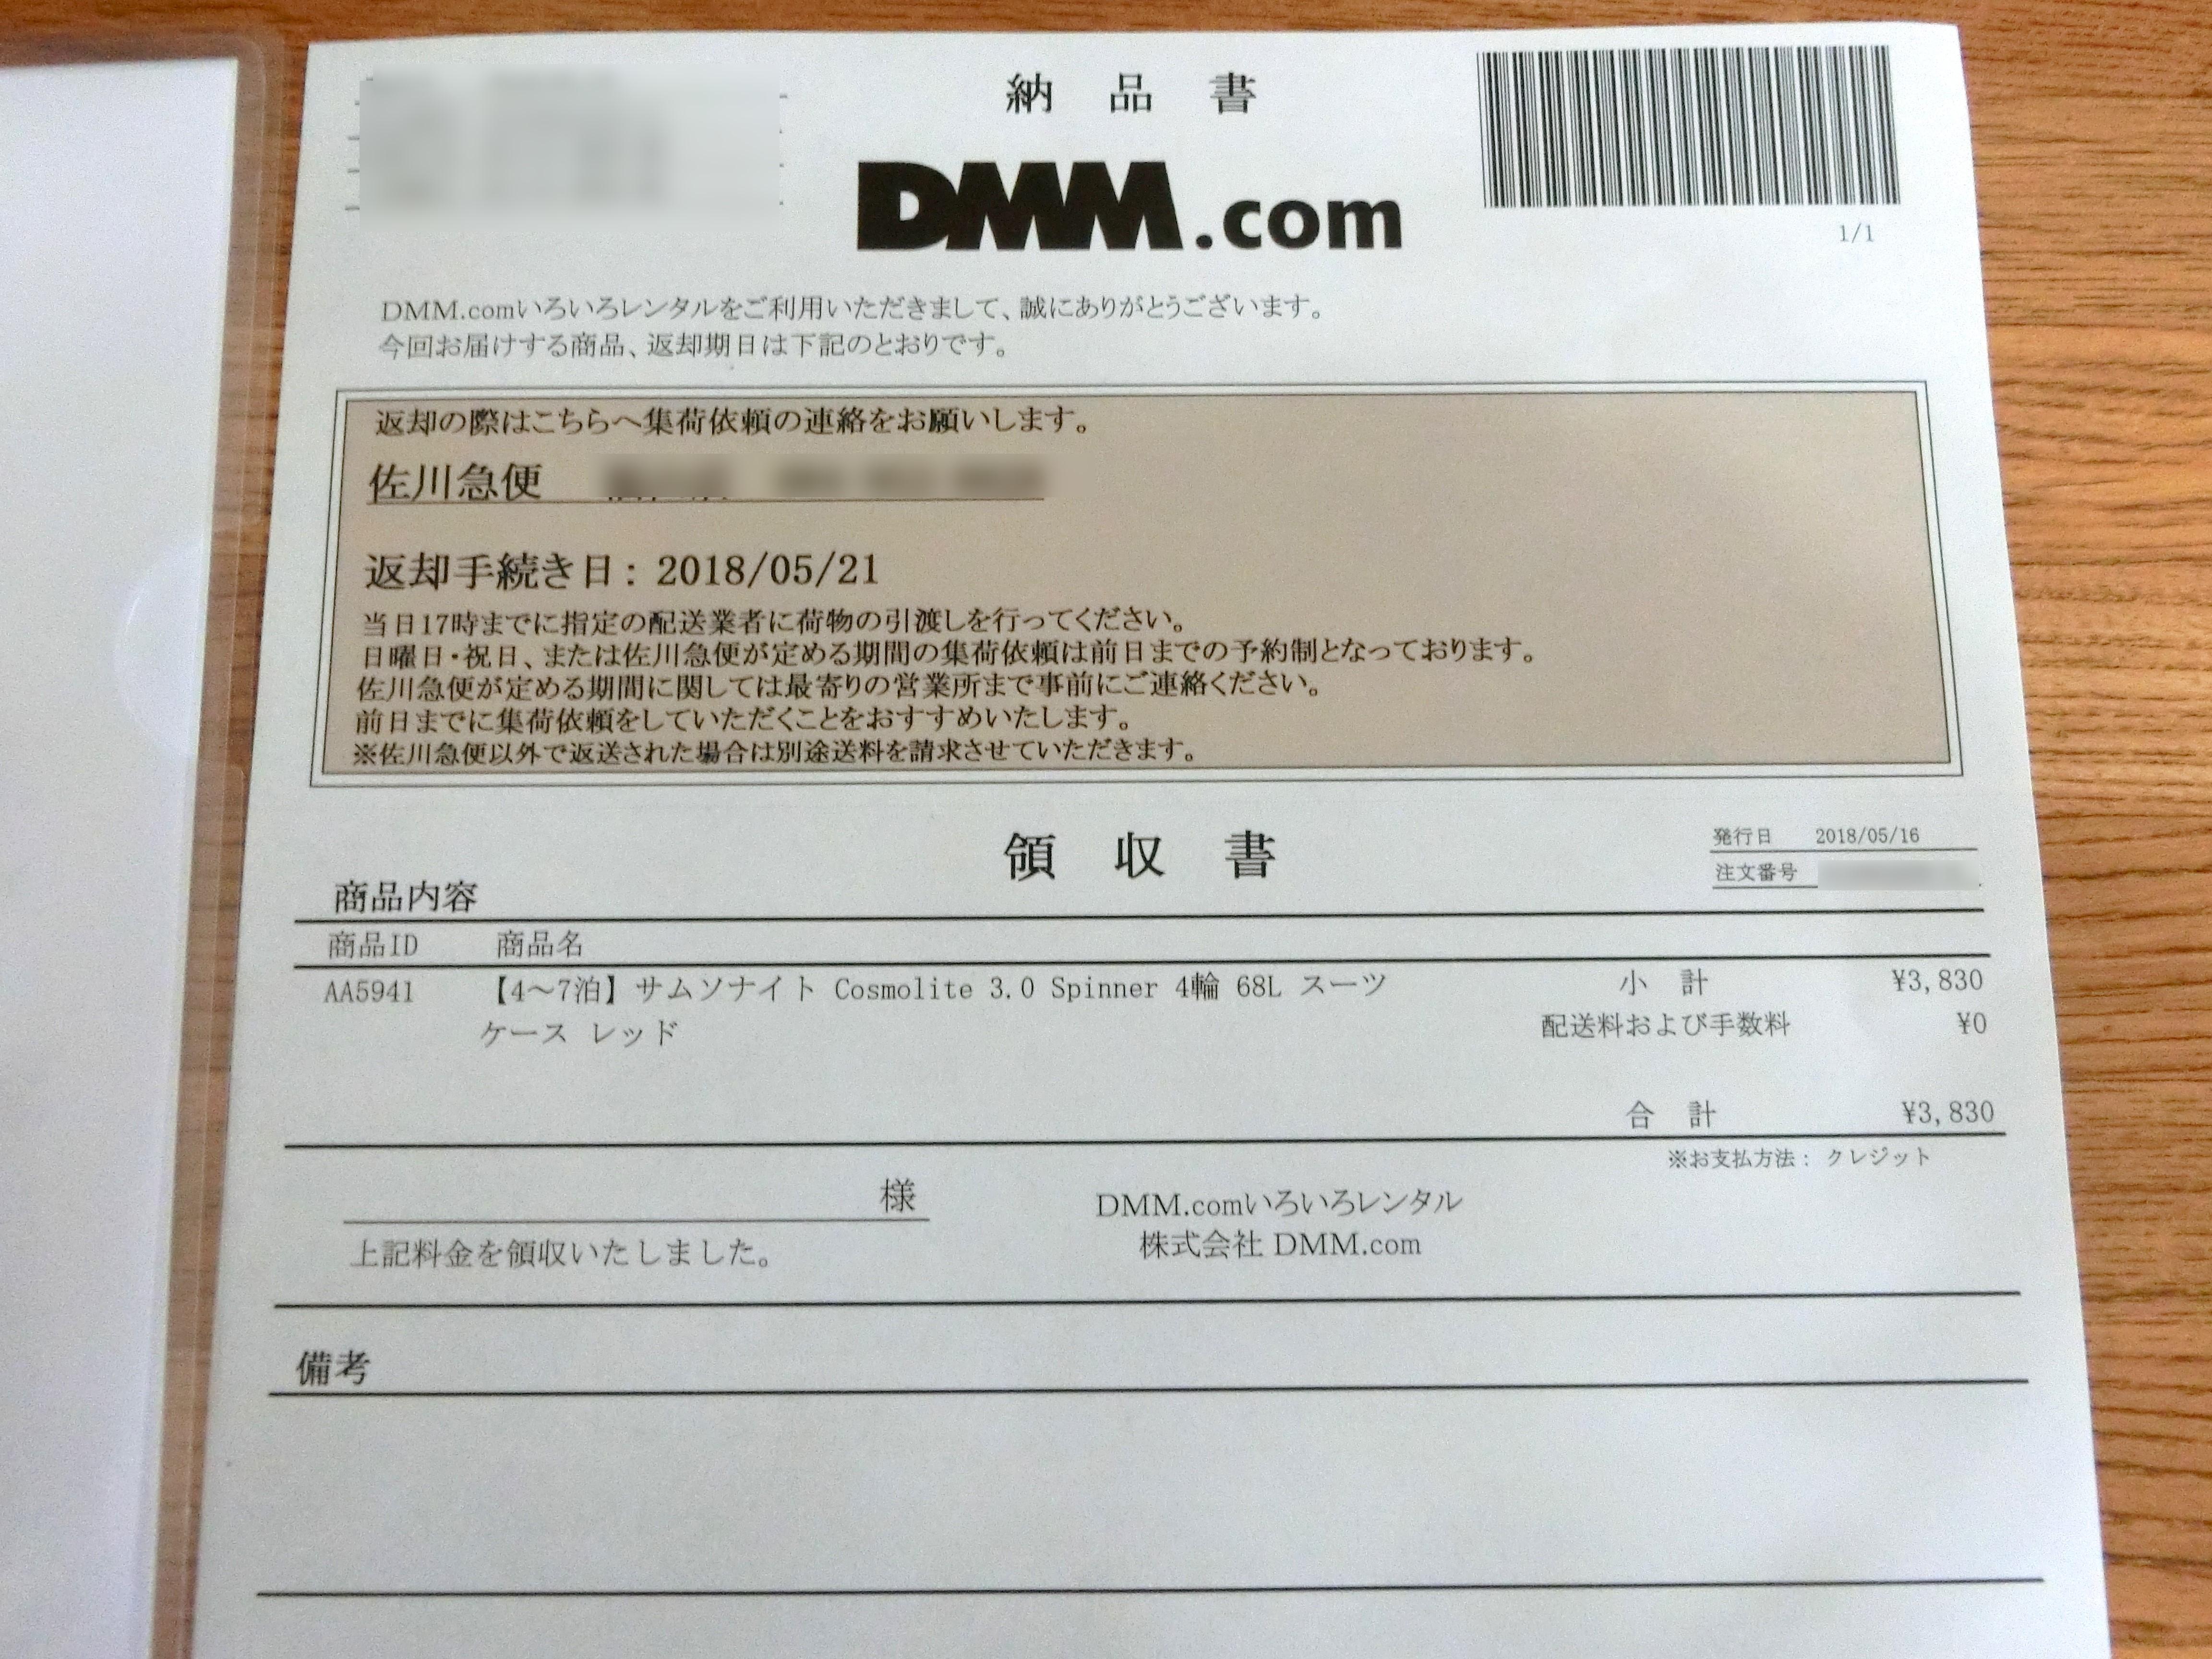 DMMいろいろレンタル・スーツケースレンタル